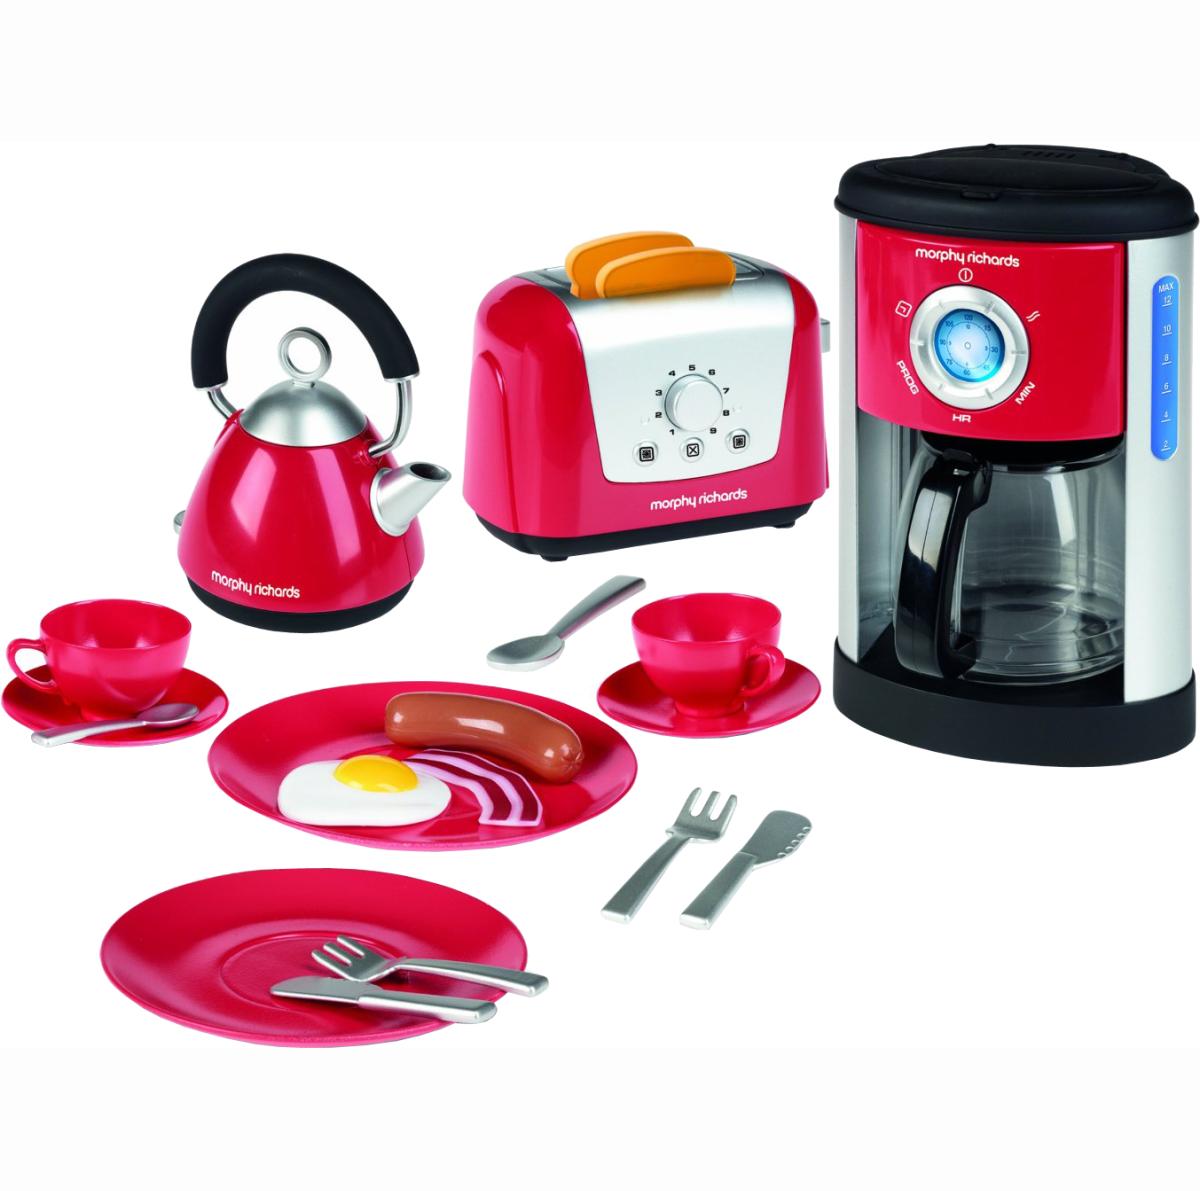 Кухонный набор - Morphy RichardsАксессуары и техника для детской кухни<br>Кухонный набор - Morphy Richards<br>